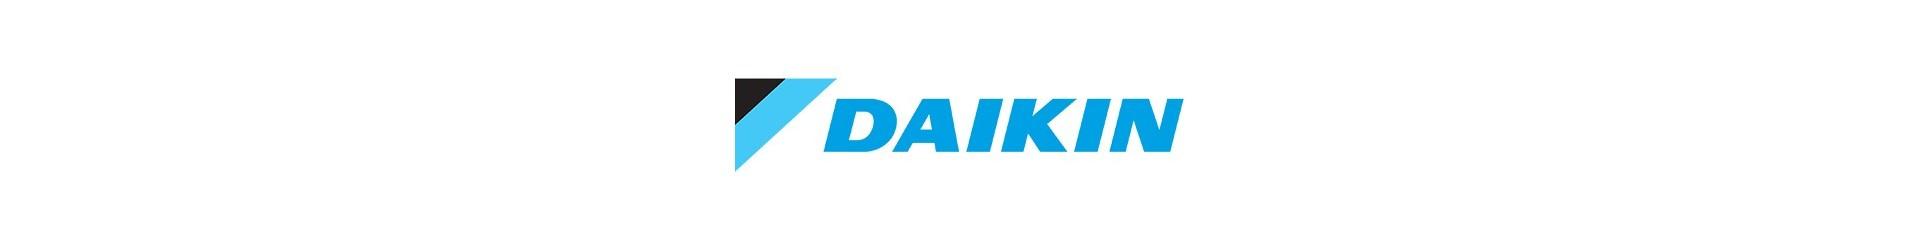 Daikin (Gewerbliche Klimaanlage)